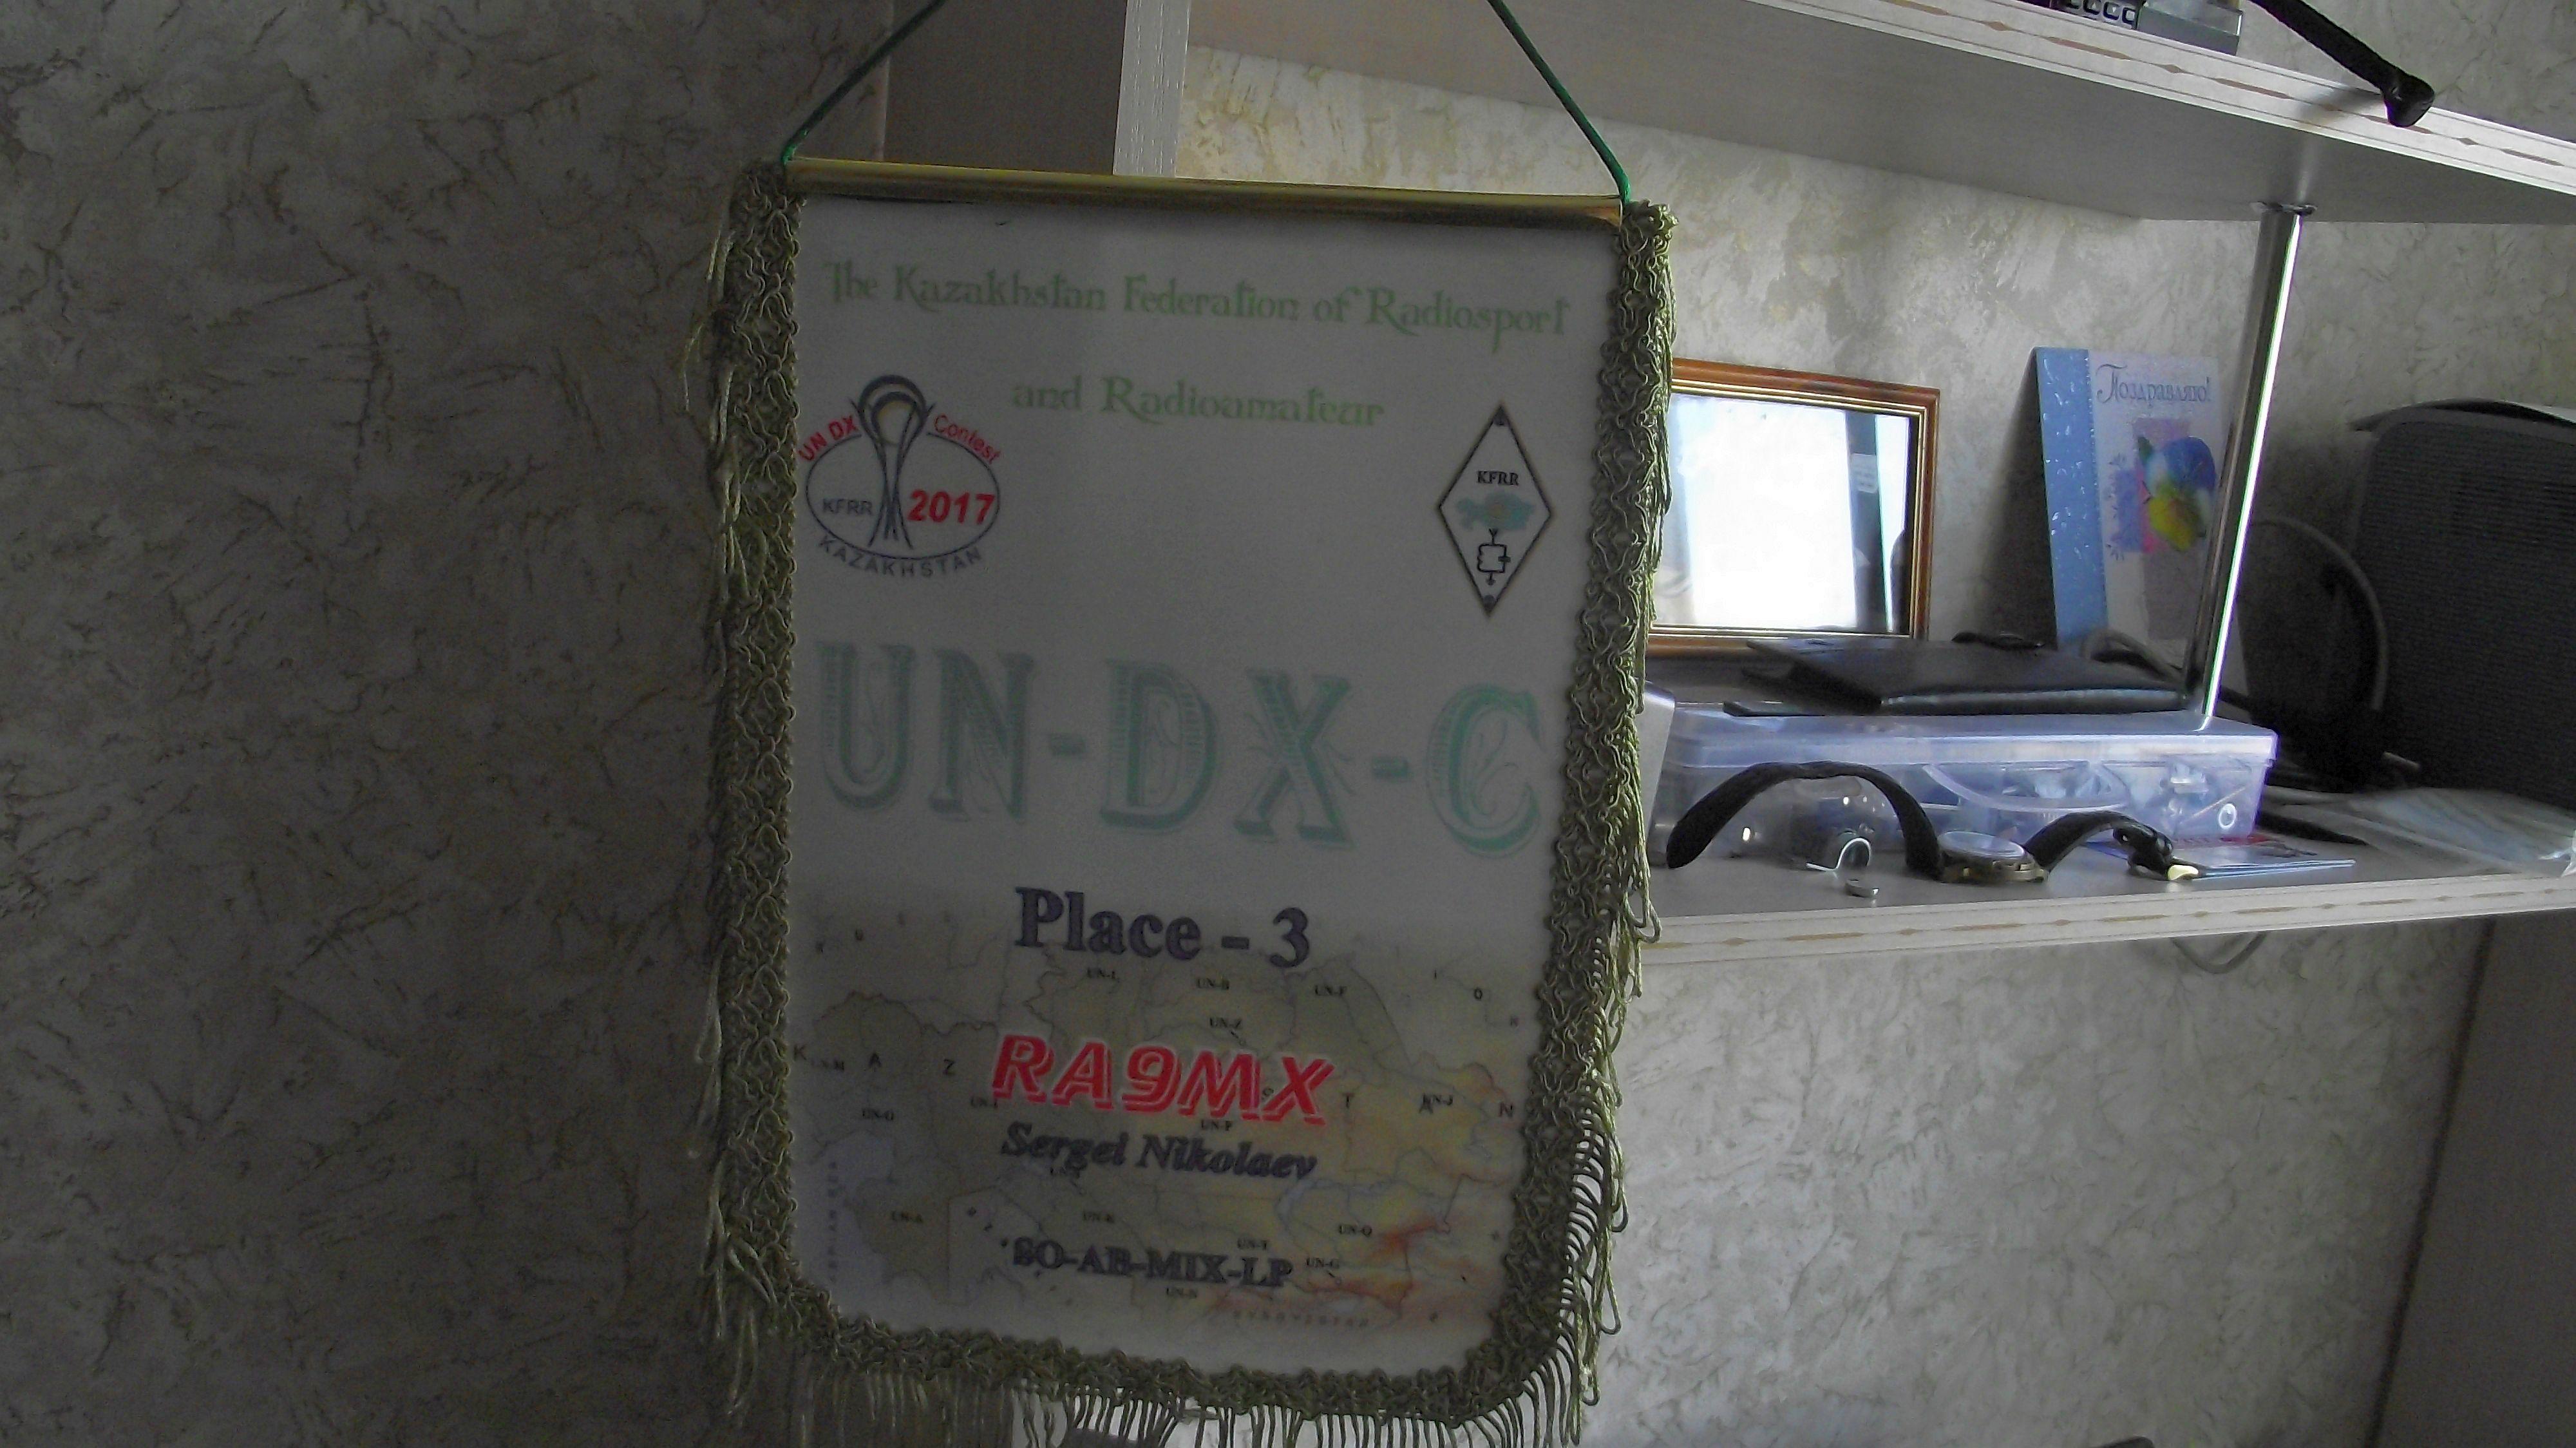 Нажмите на изображение для увеличения.  Название:undx.jpg Просмотров:5 Размер:781.7 Кб ID:205487